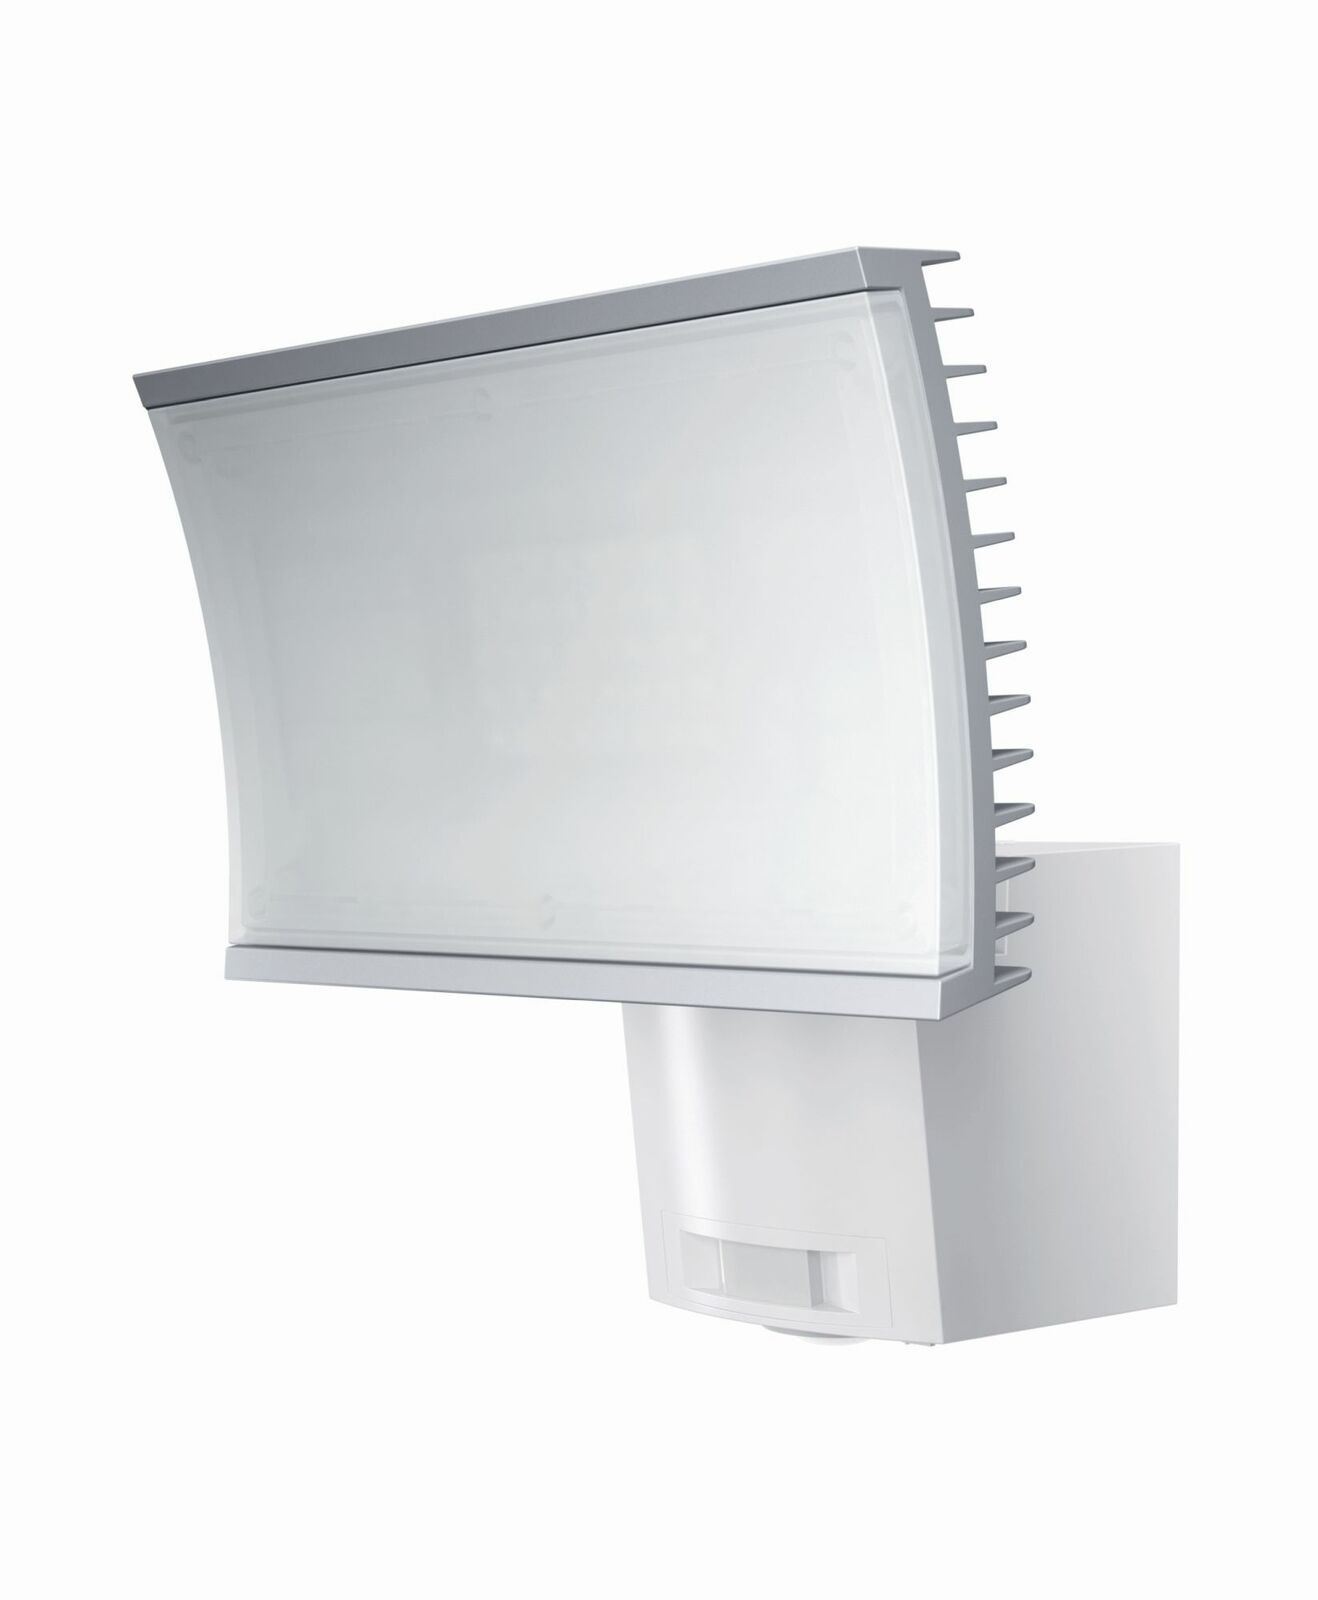 Bild zu Osram LED Außenleuchte Noxlite mit Bewegungsmelder für 33€ (Vergleich: 39,51€)